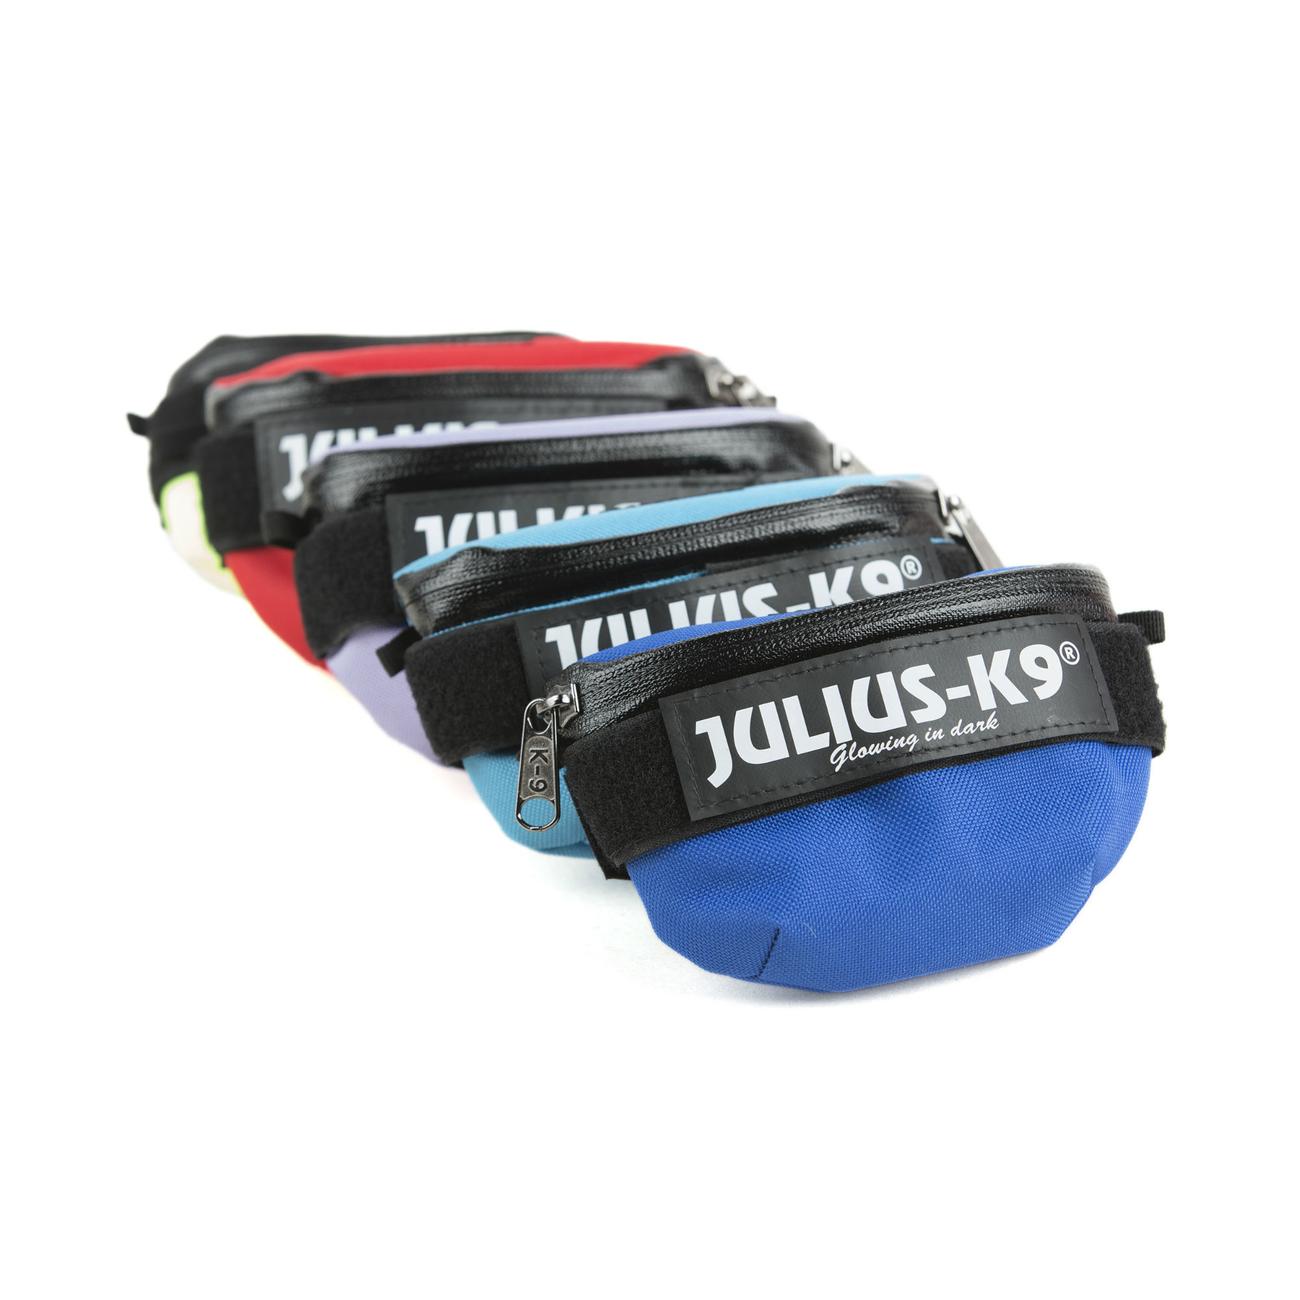 Julius K9 Universal Seitentasche für IDC-Geschirre, Bild 2